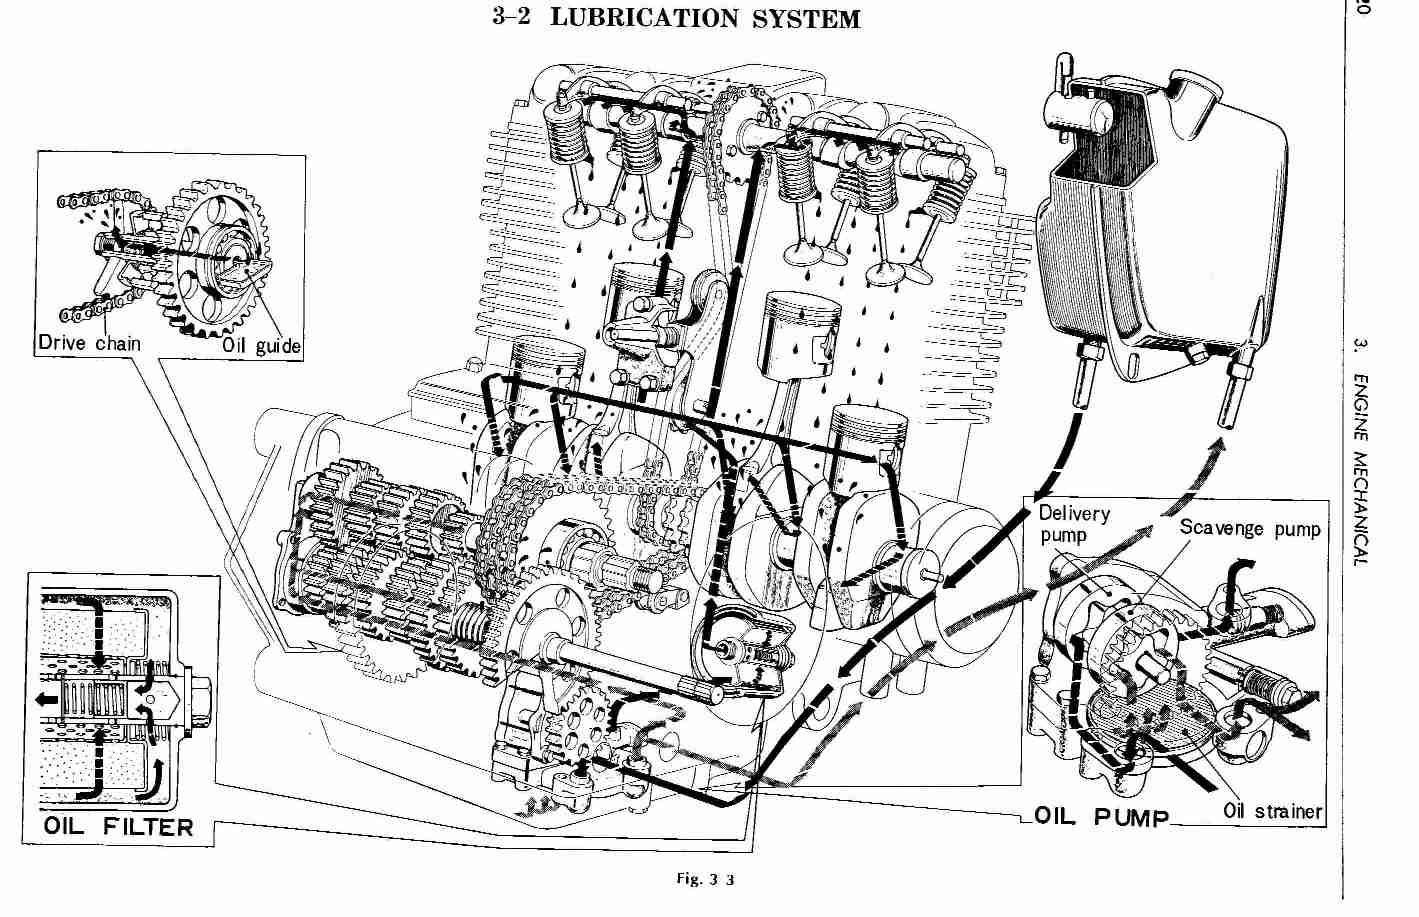 medium resolution of honda cb750 wiring diagram as well honda cb 750 wiring diagram as cb750k motor diagram wiring